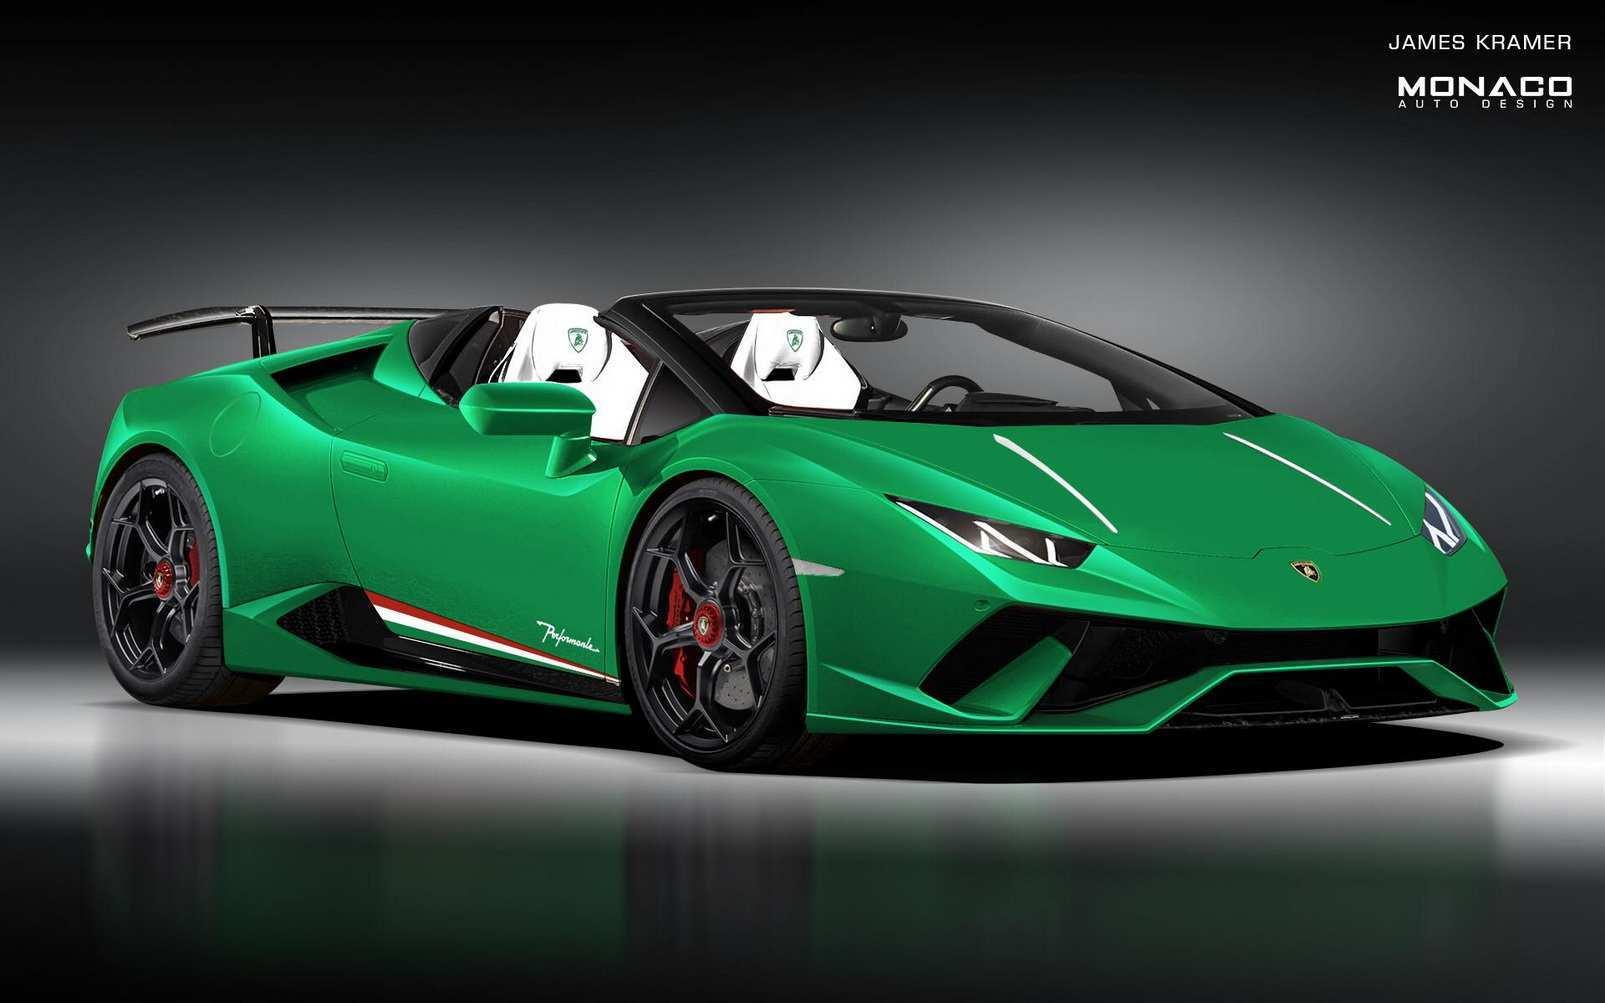 30 New 2019 Lamborghini Spyder New Concept by 2019 Lamborghini Spyder